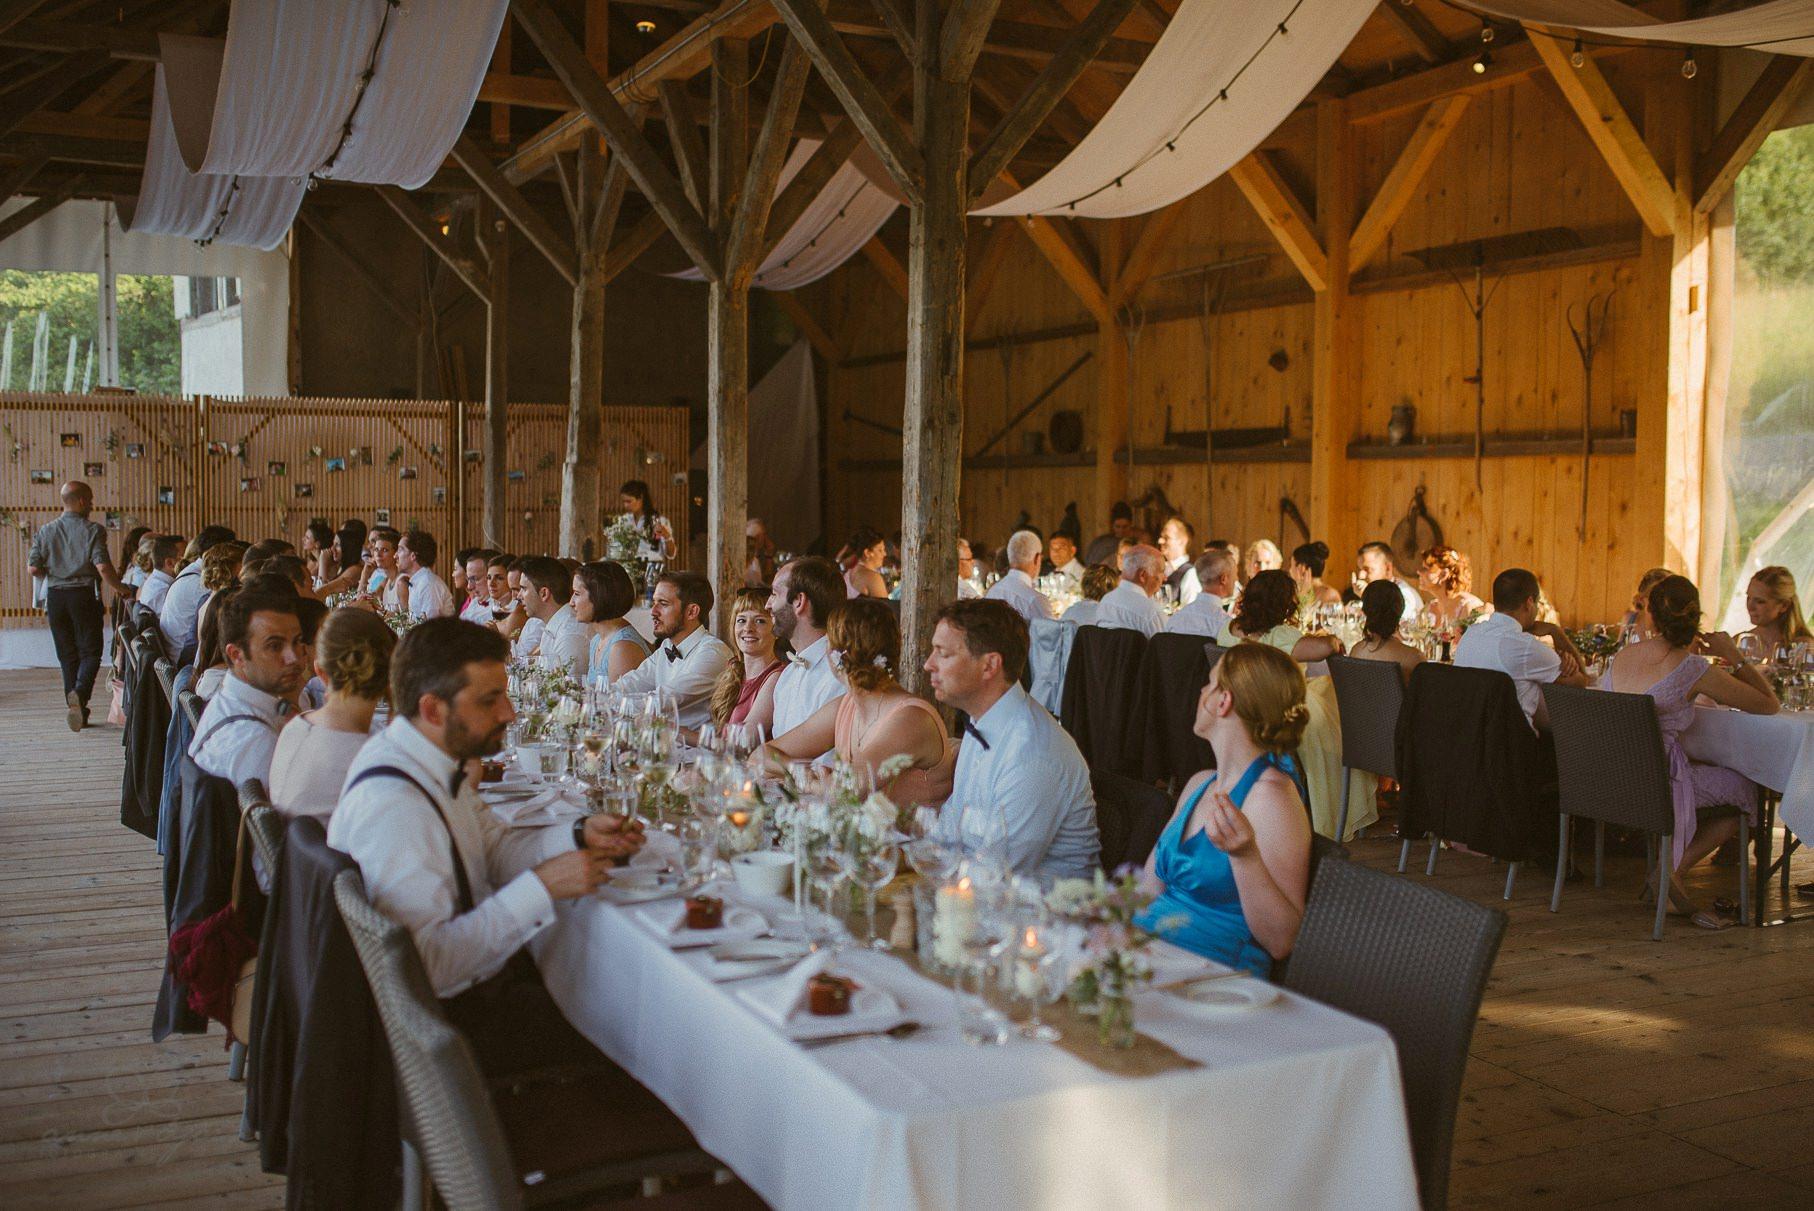 0116 anne und bjoern hochzeit schweiz d75 1780 - DIY Hochzeit in der Schweiz - Sabrina & Christoph